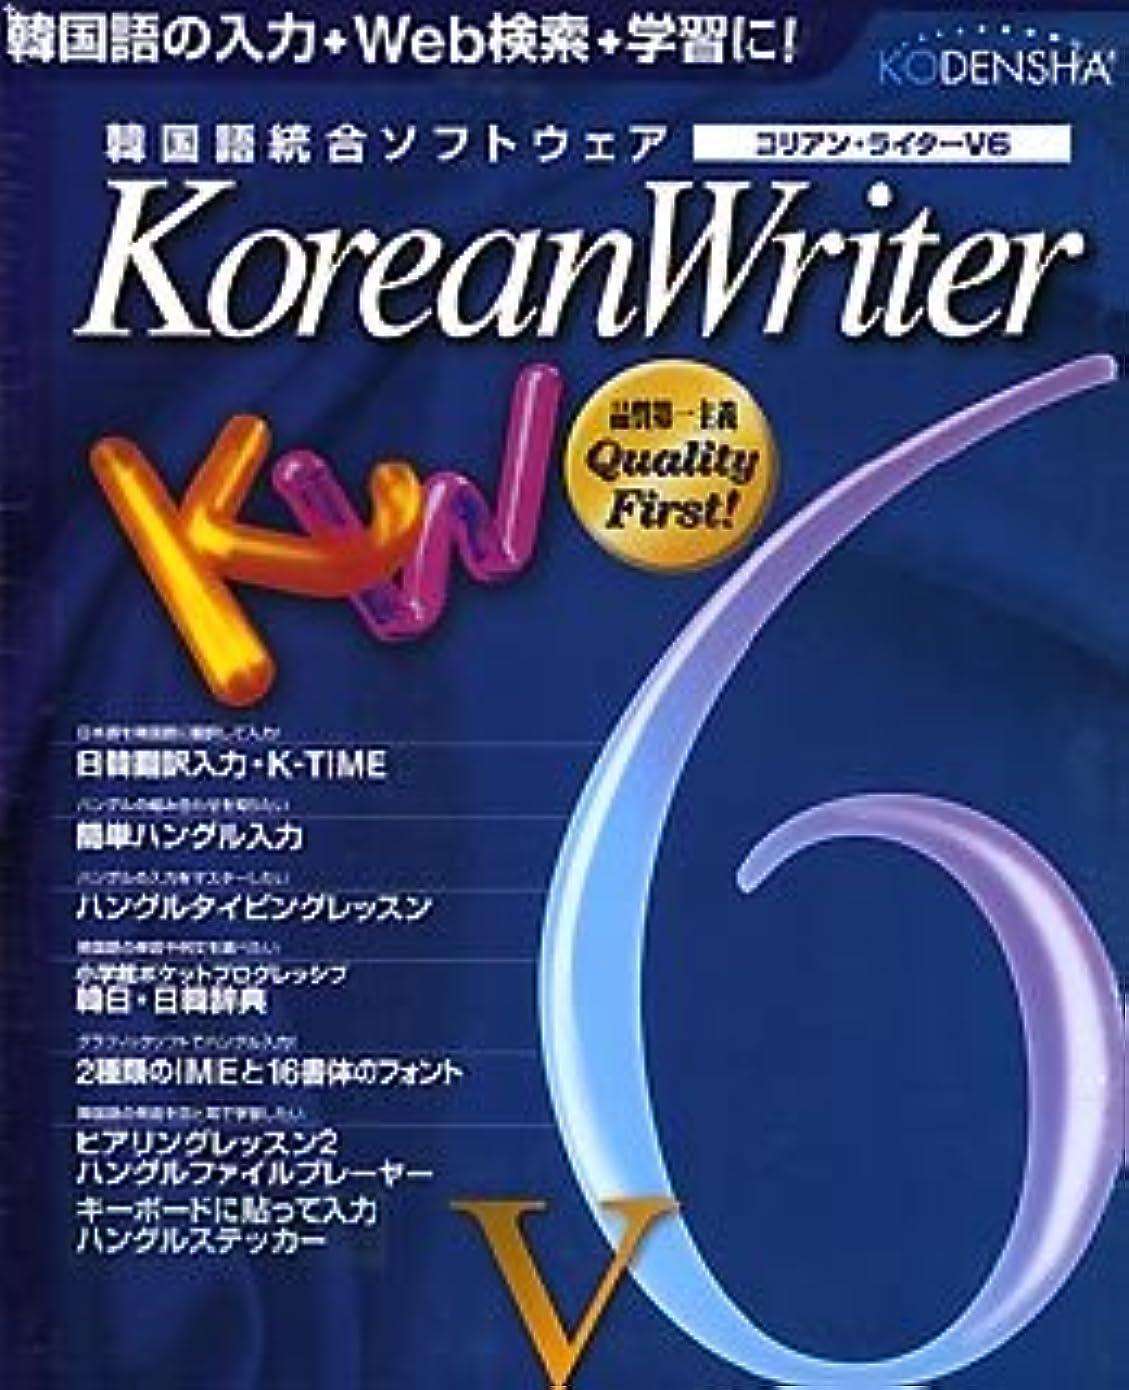 忘れる打ち負かす協力的Korean Writer V6